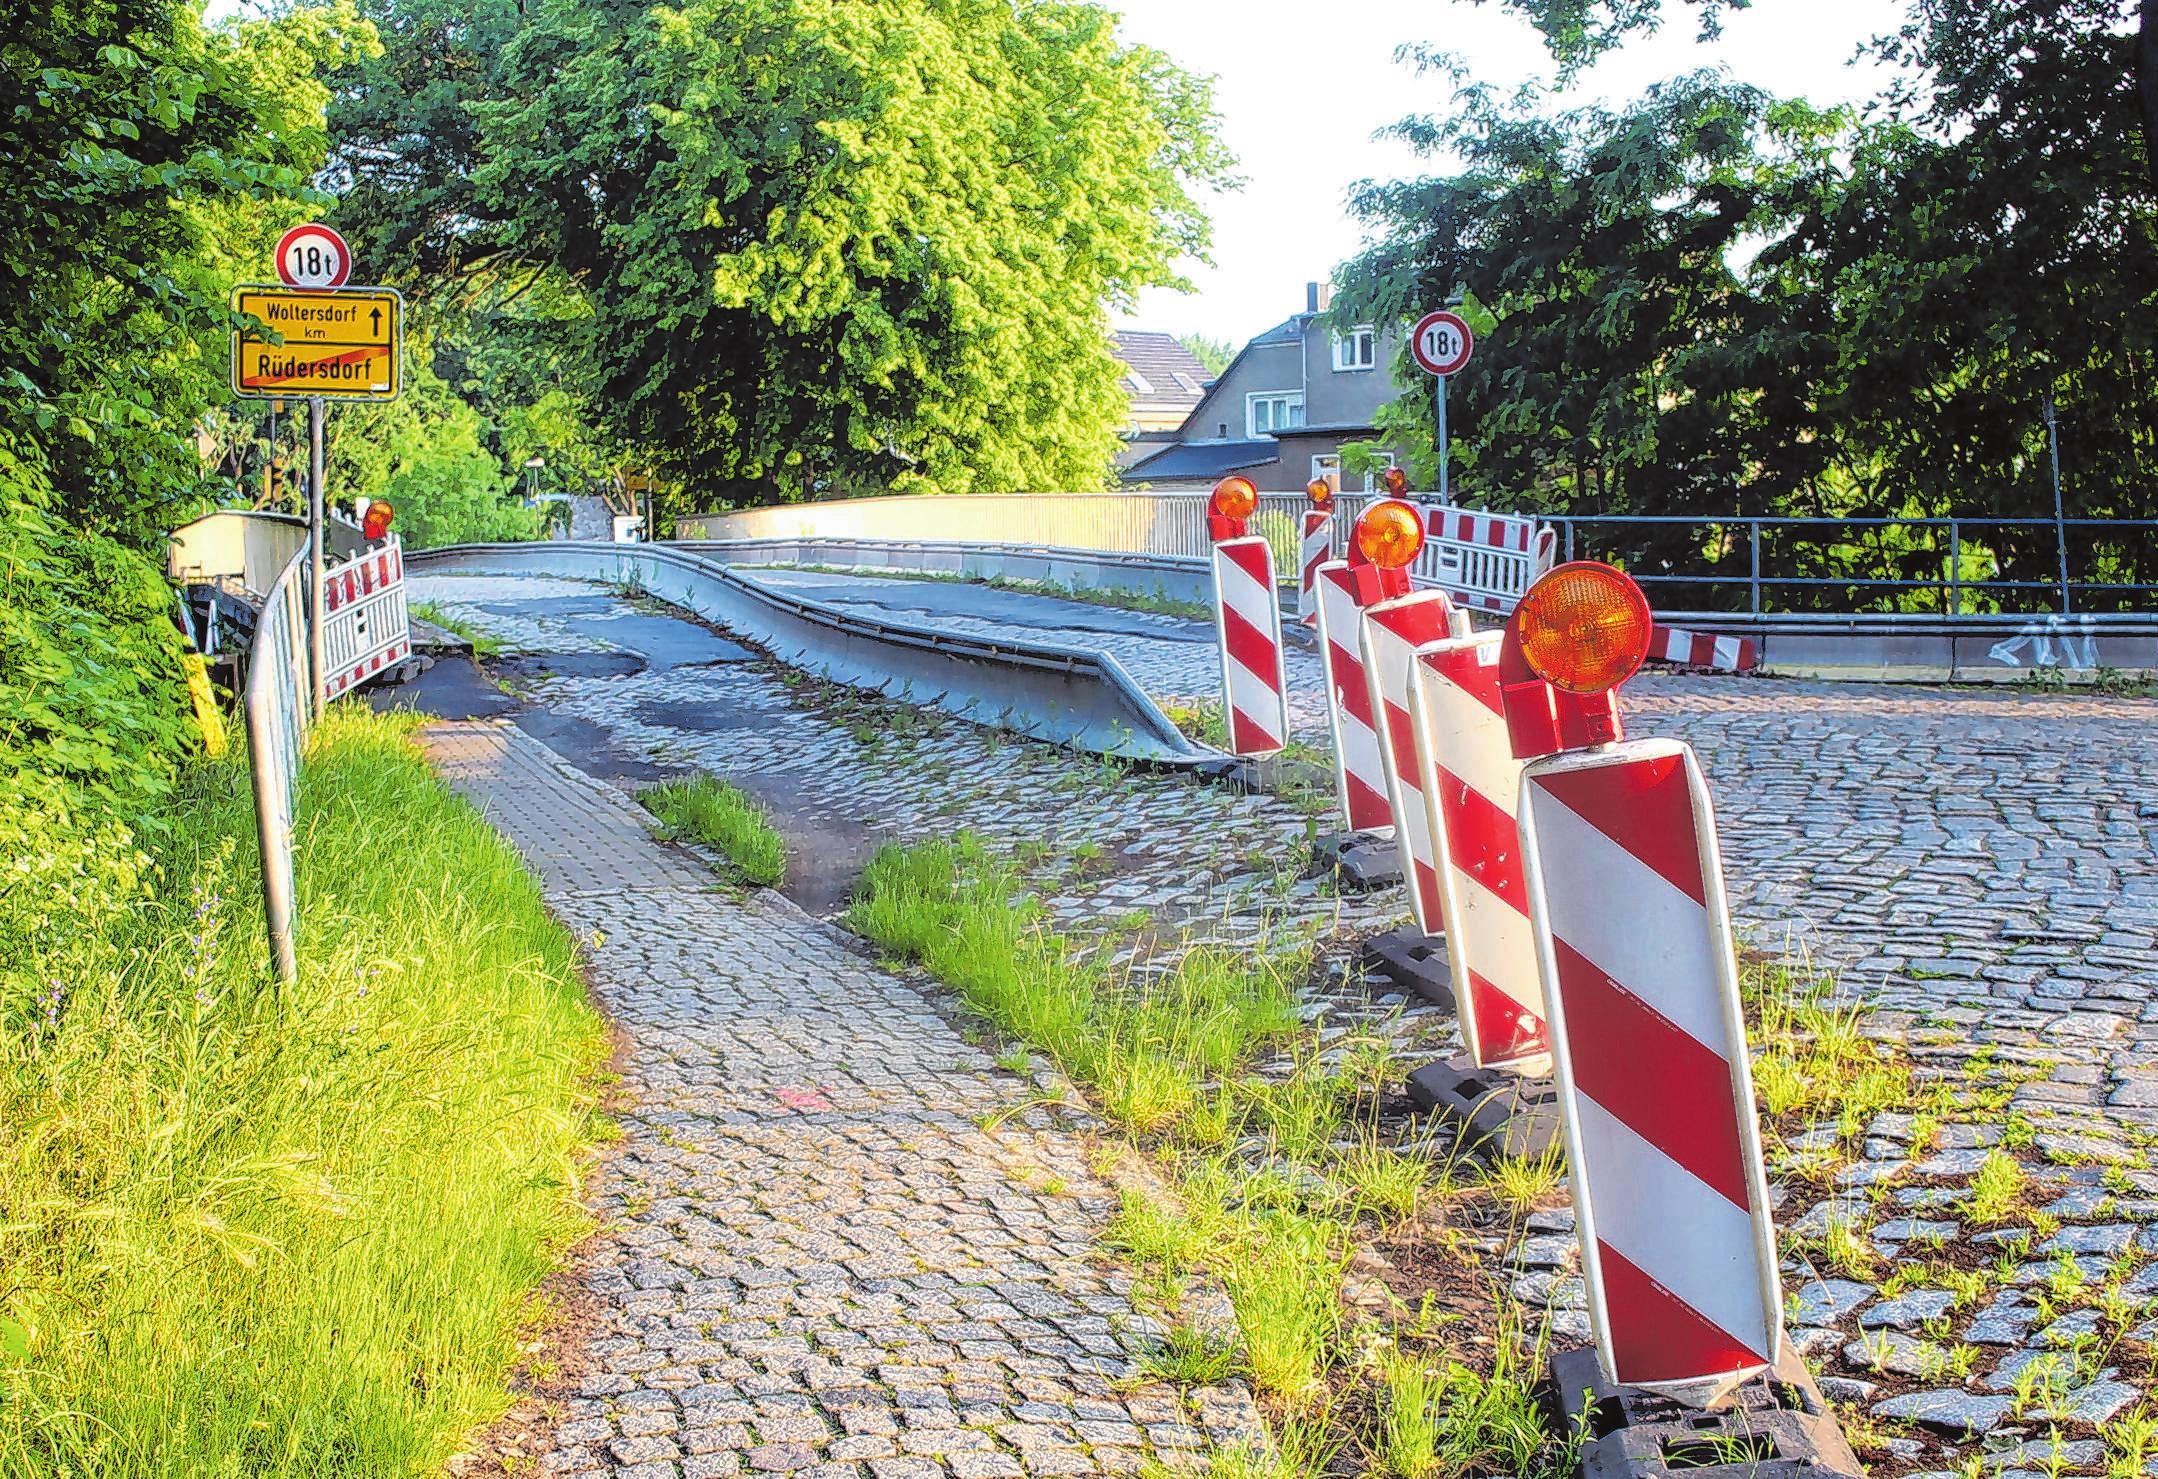 Die Stolpgrabenbrücke ist marode, nur einspurig läuft per Ampel abwechselnd der Fahrzeugverkehr. Foto: Th. Berger